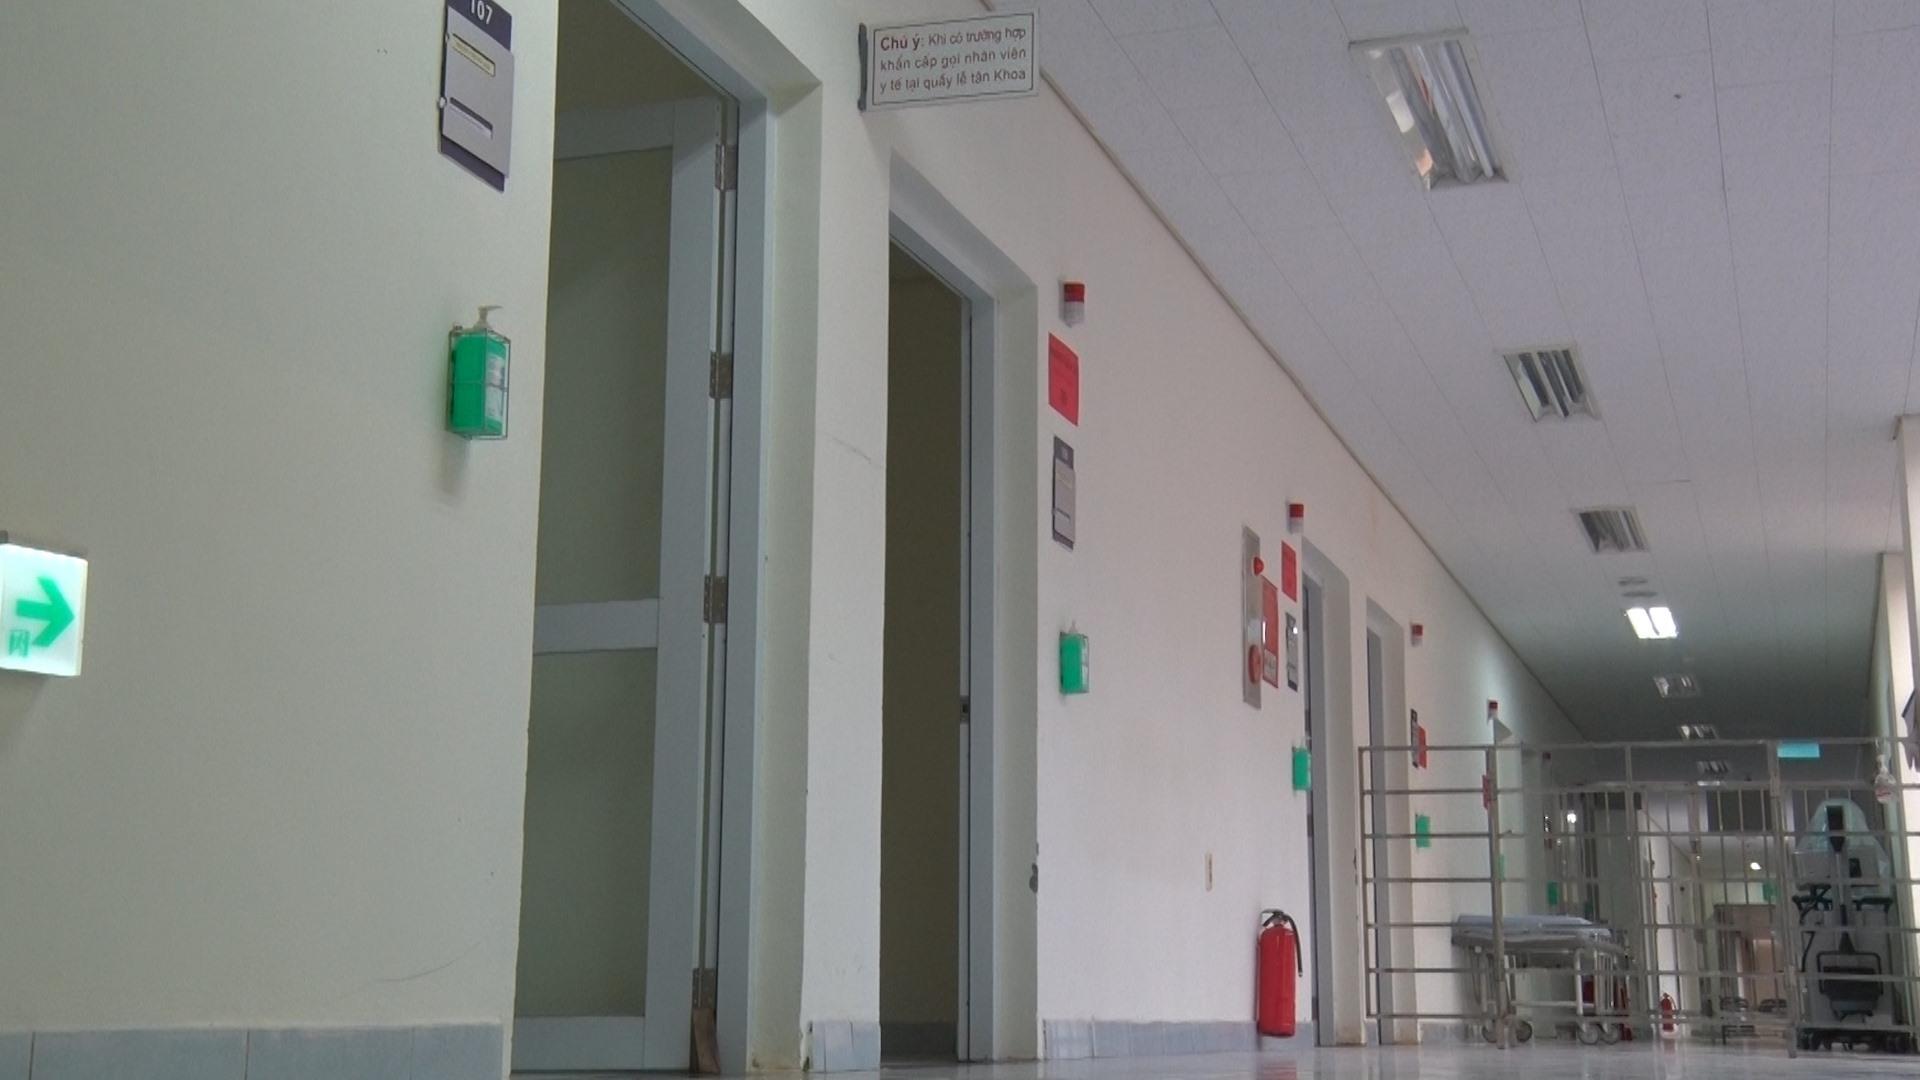 Khu vực cách ly đặc biệt - nơi đang điều trị bệnh nhân nhiễm Covid-19 thứ 57. Ảnh: Đ. ĐẠO